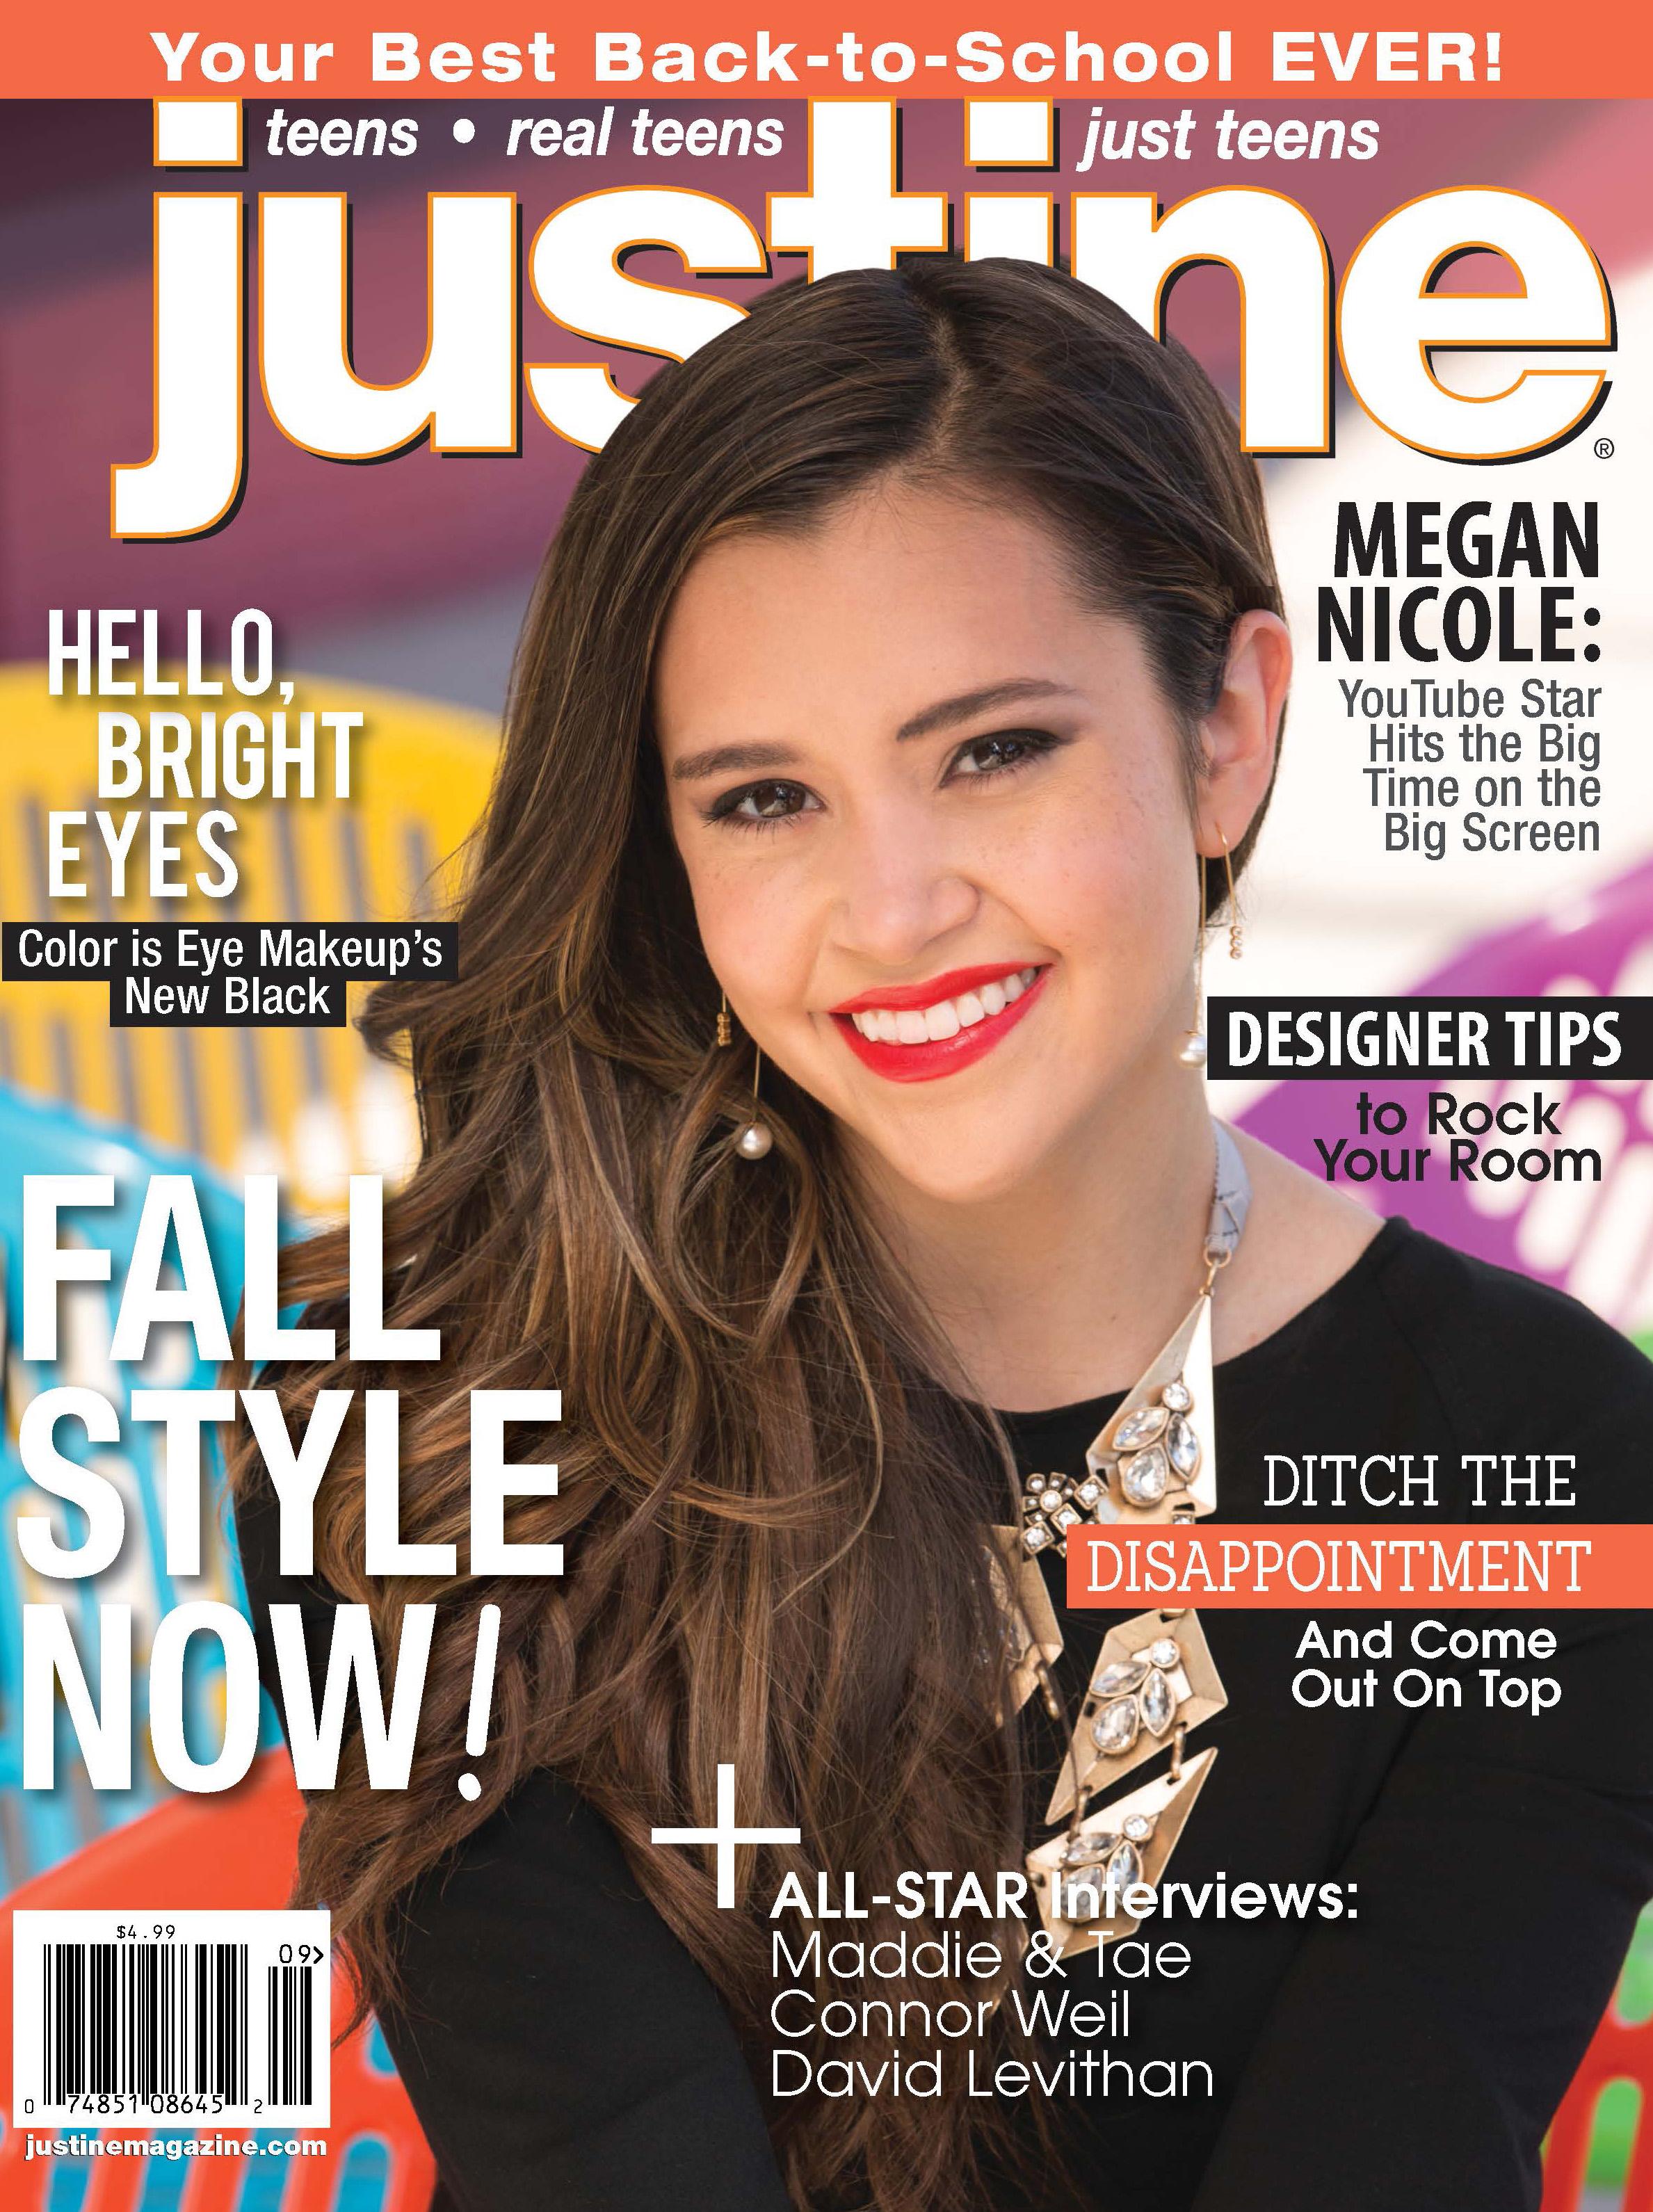 Final Cover Justine AS15 JPG.jpg